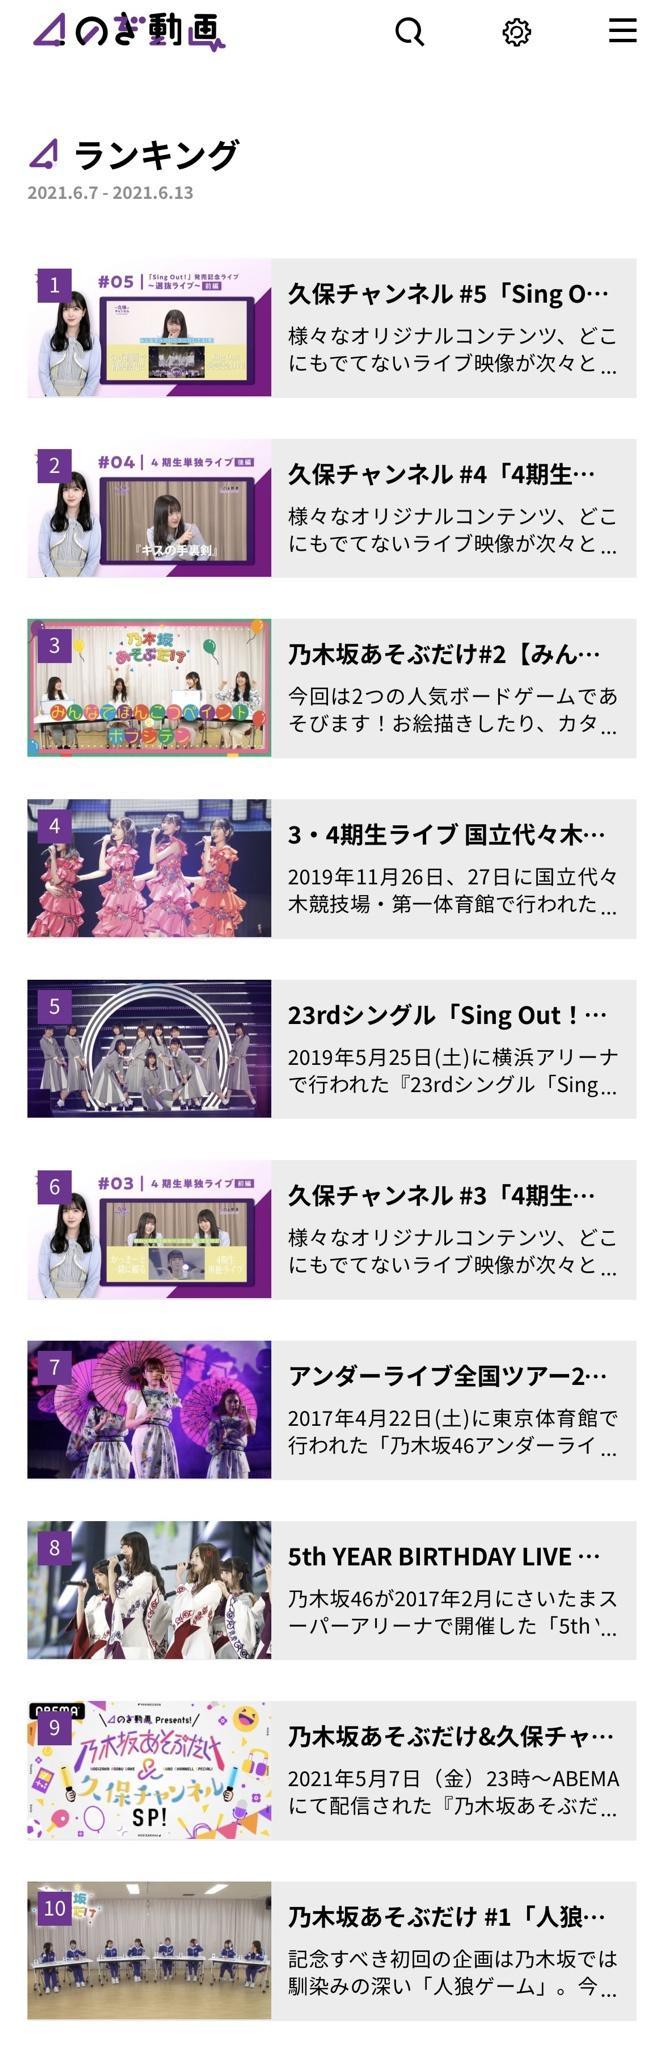 のぎ動画ランキング 久保チャンネル